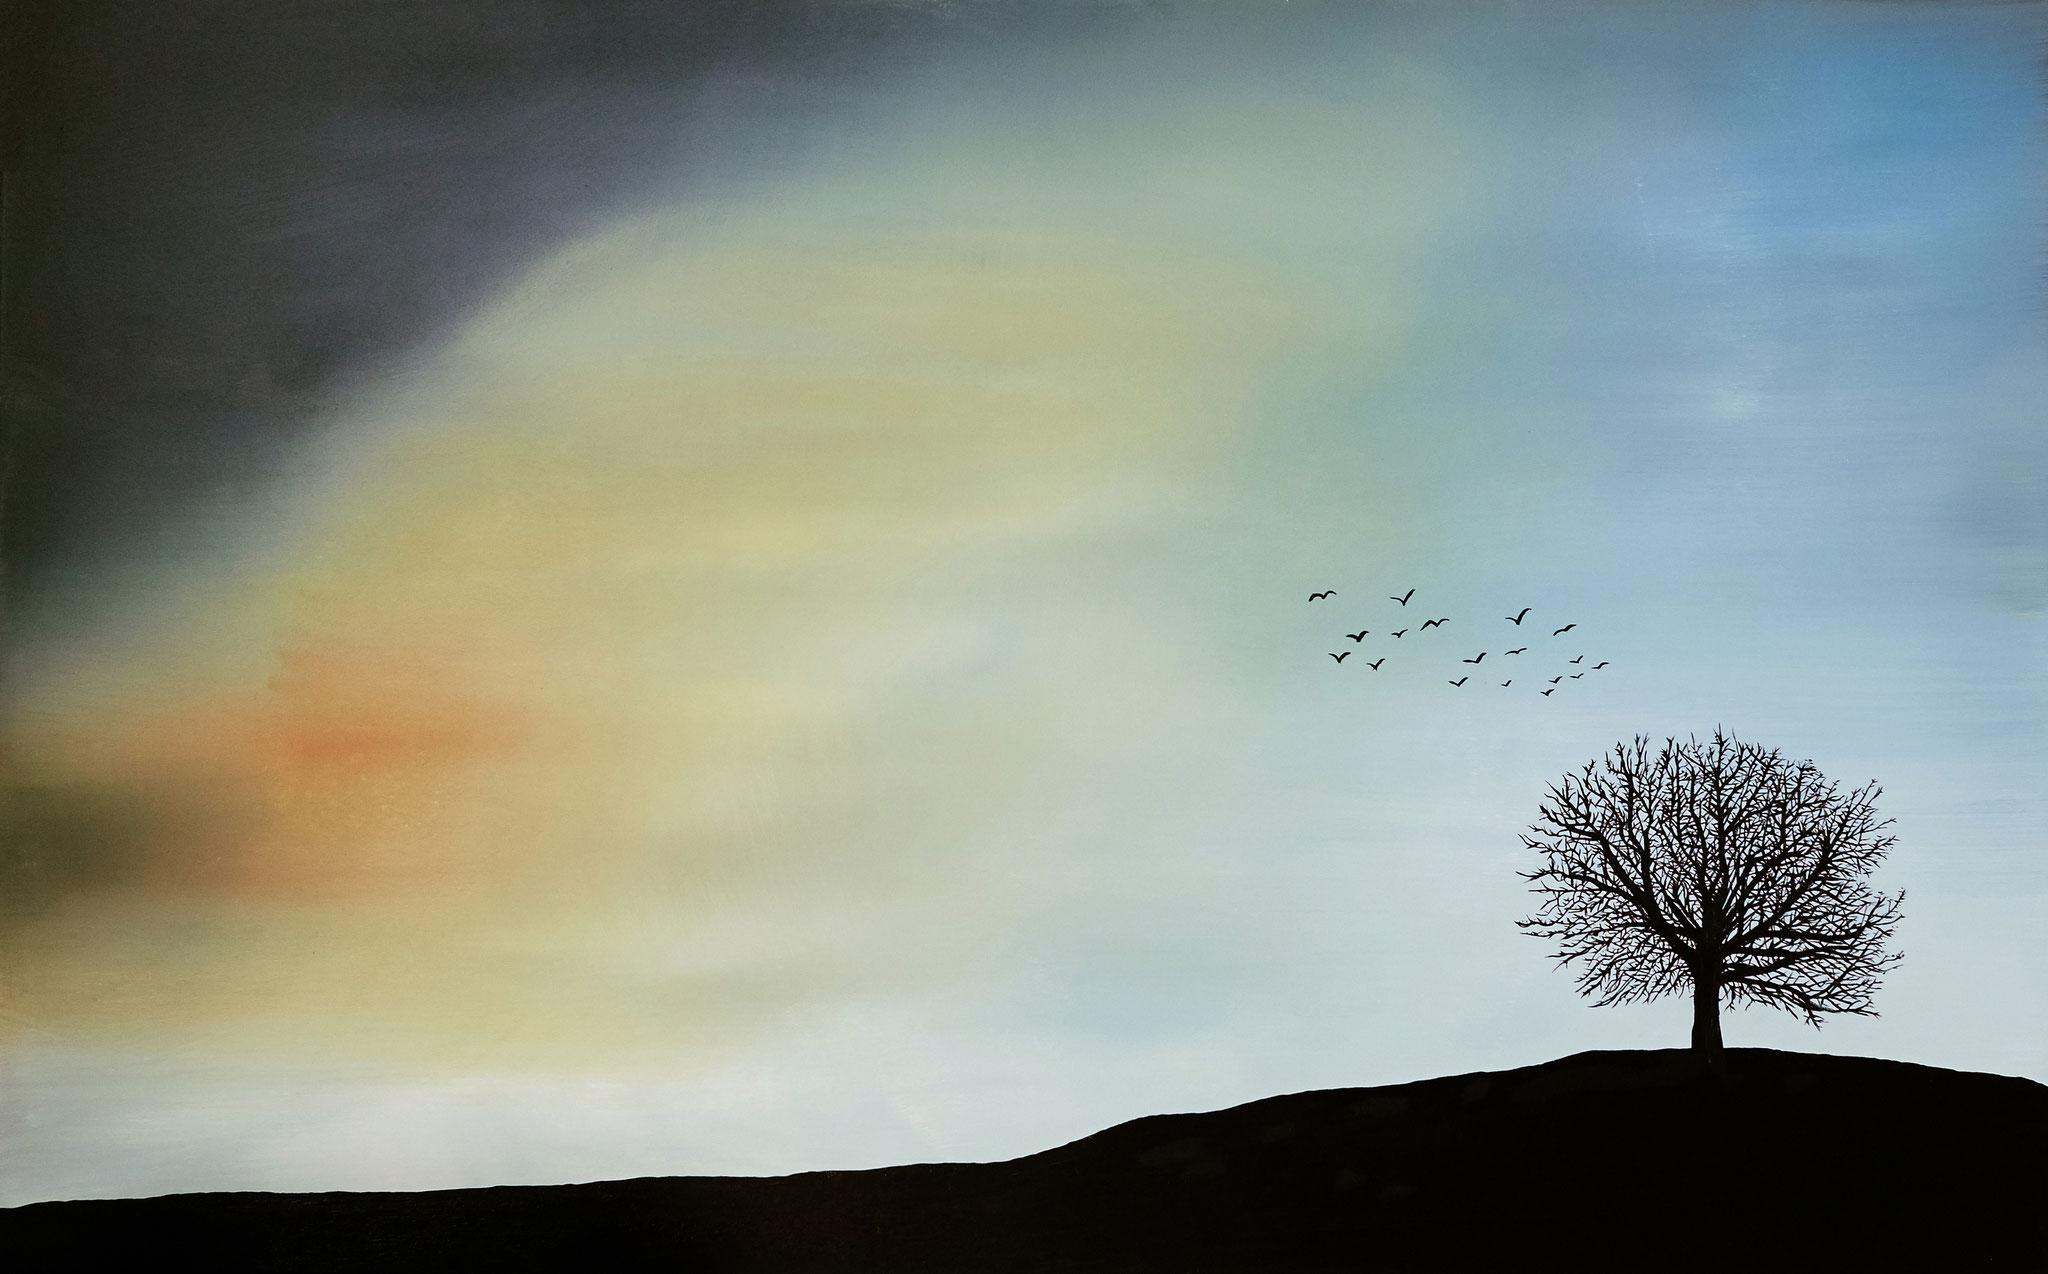 ›Dämmerung‹, Acryl auf Leinwand, 160 x 100 cm, 2016